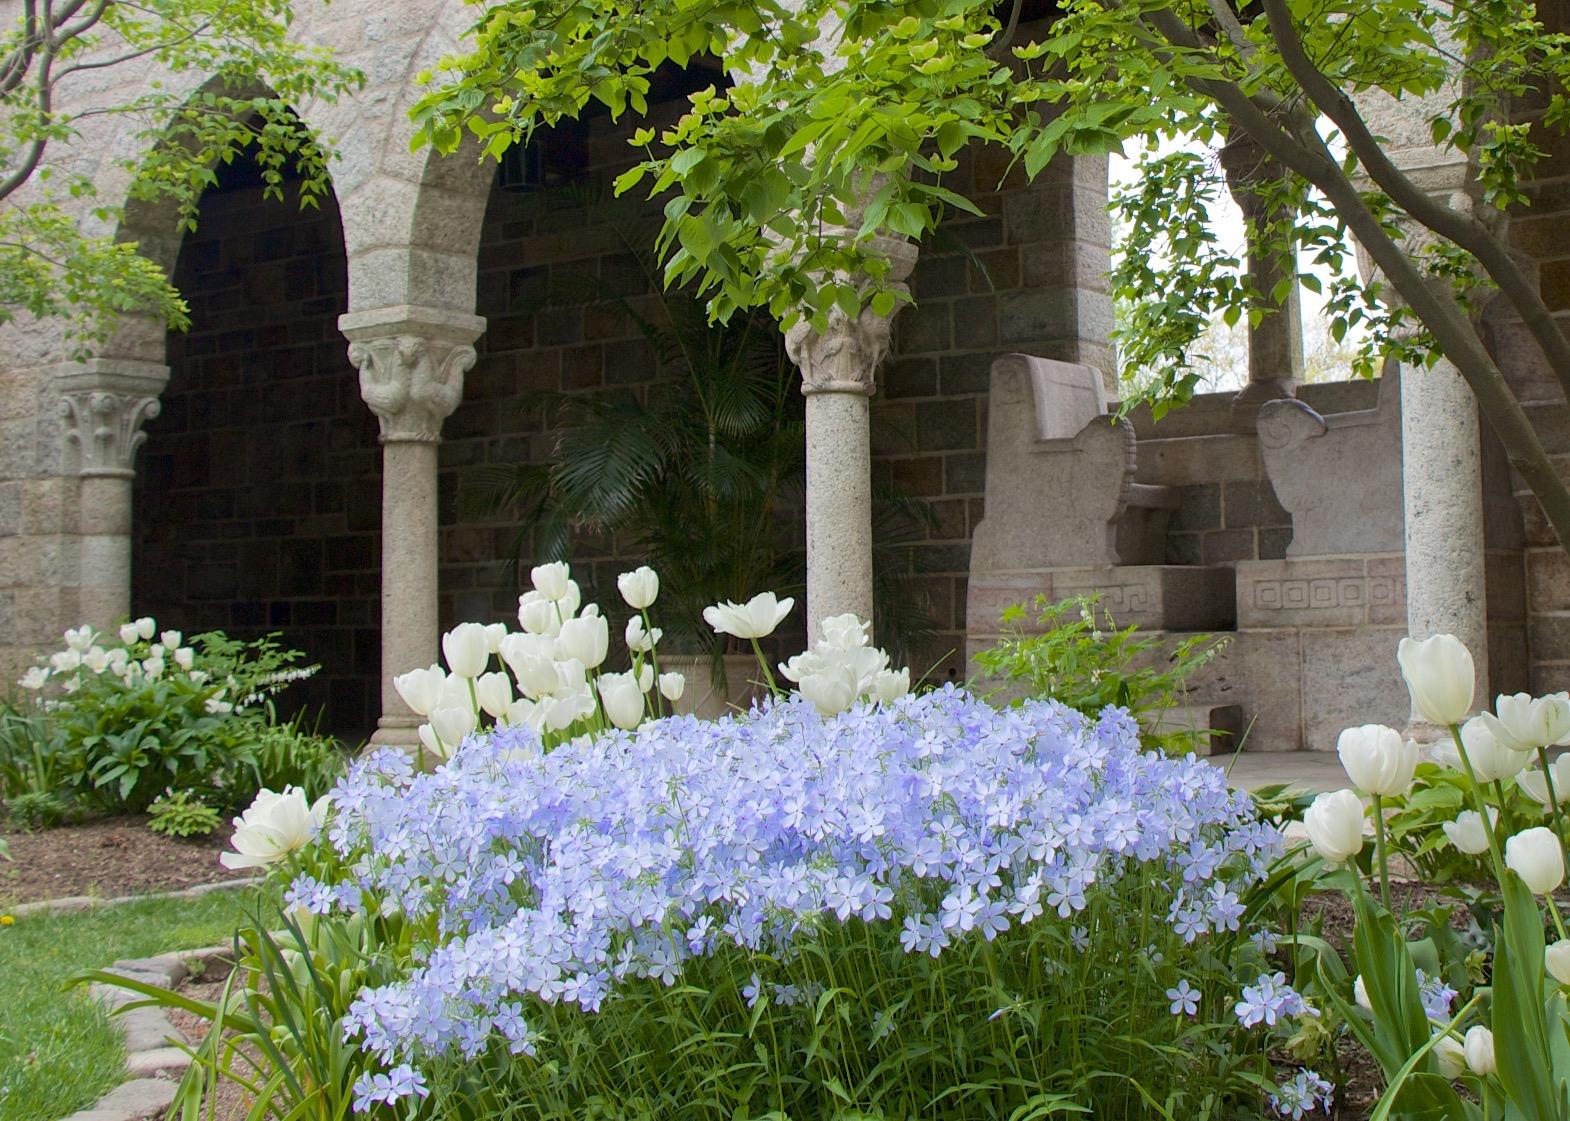 Figure 10: Late spring gardens in bloom in Glencairn's cloister.